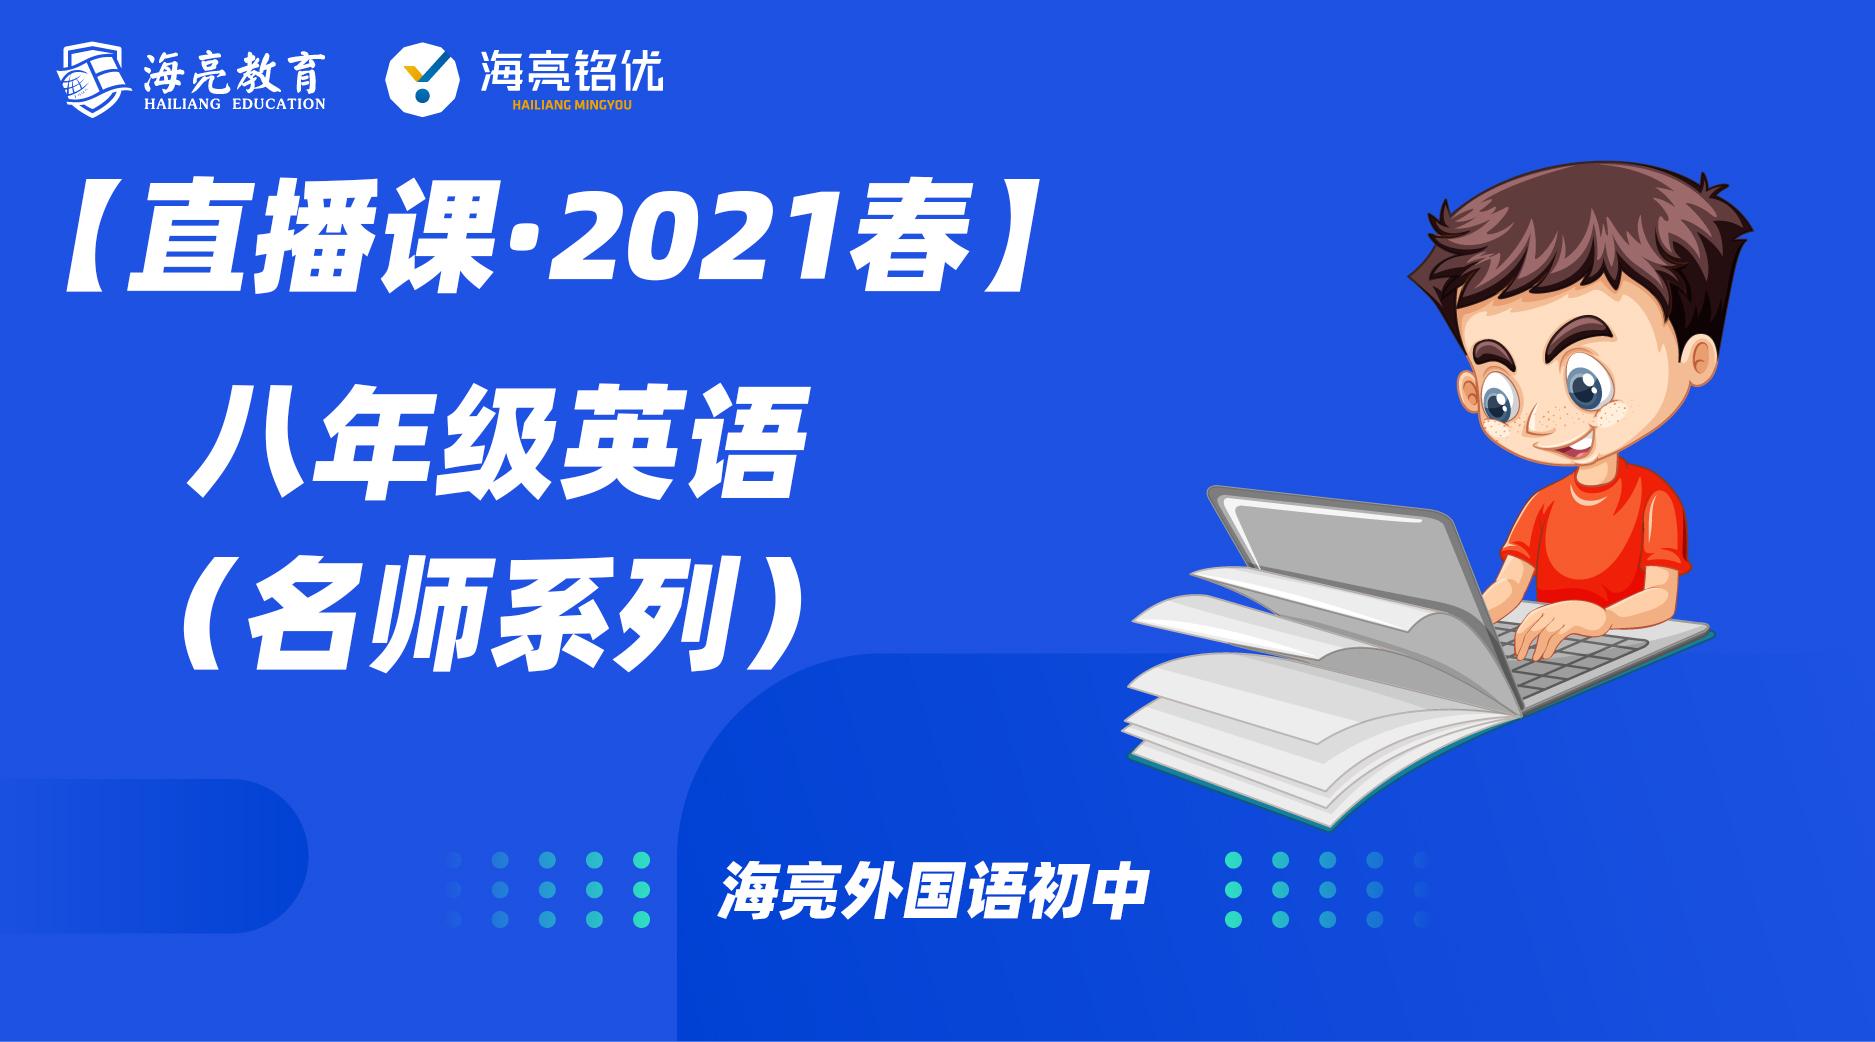 【直播课·2021春】八年级英语(名师系列-外国语)